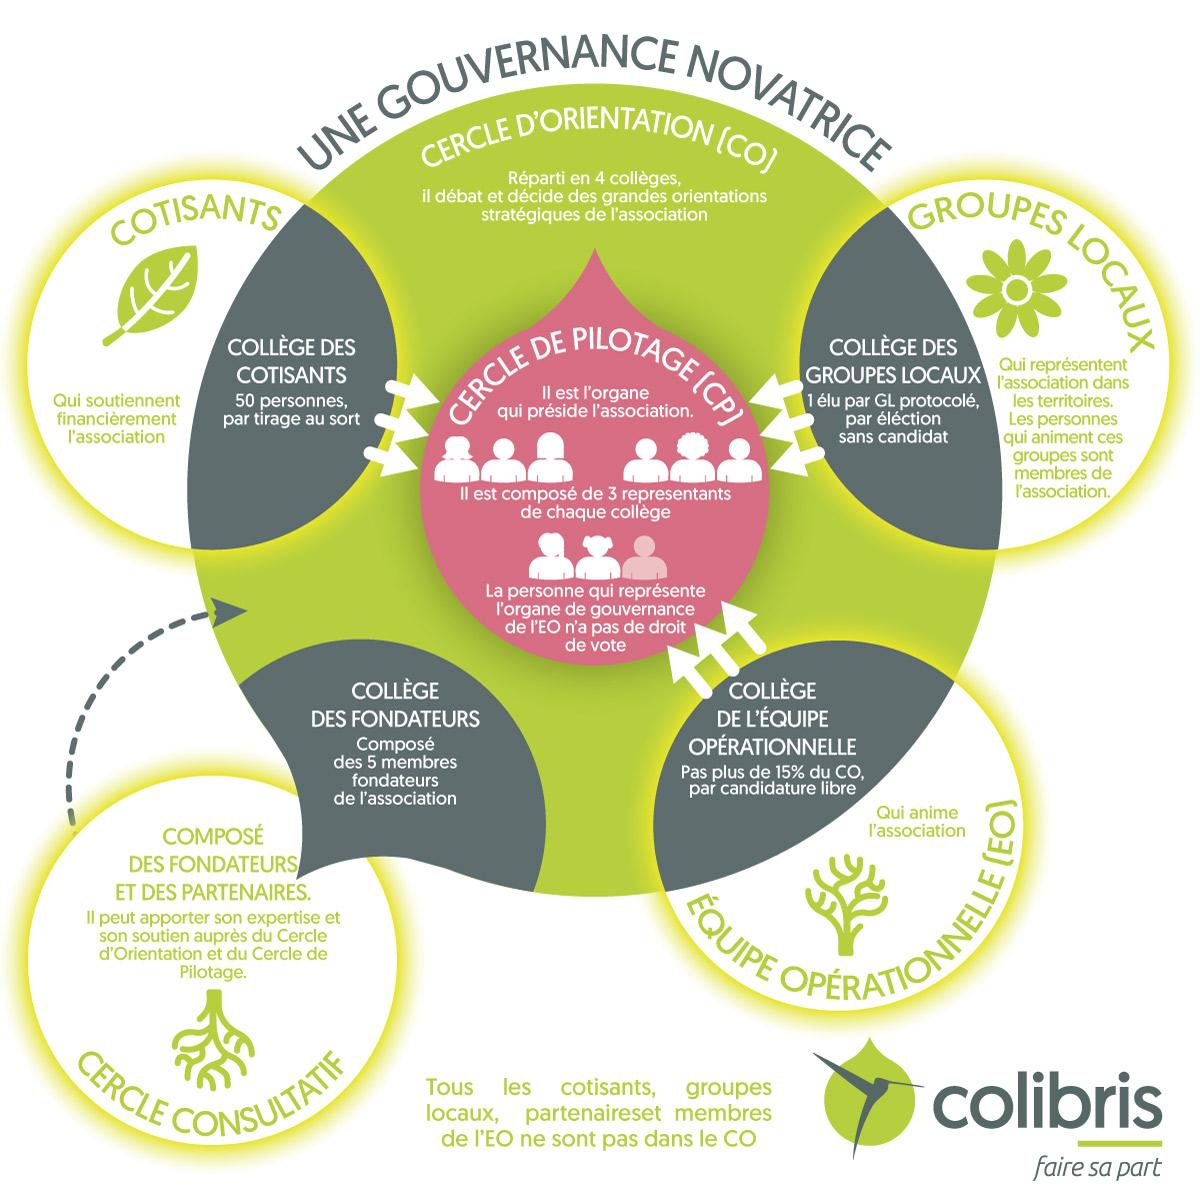 gouvernance Colibris